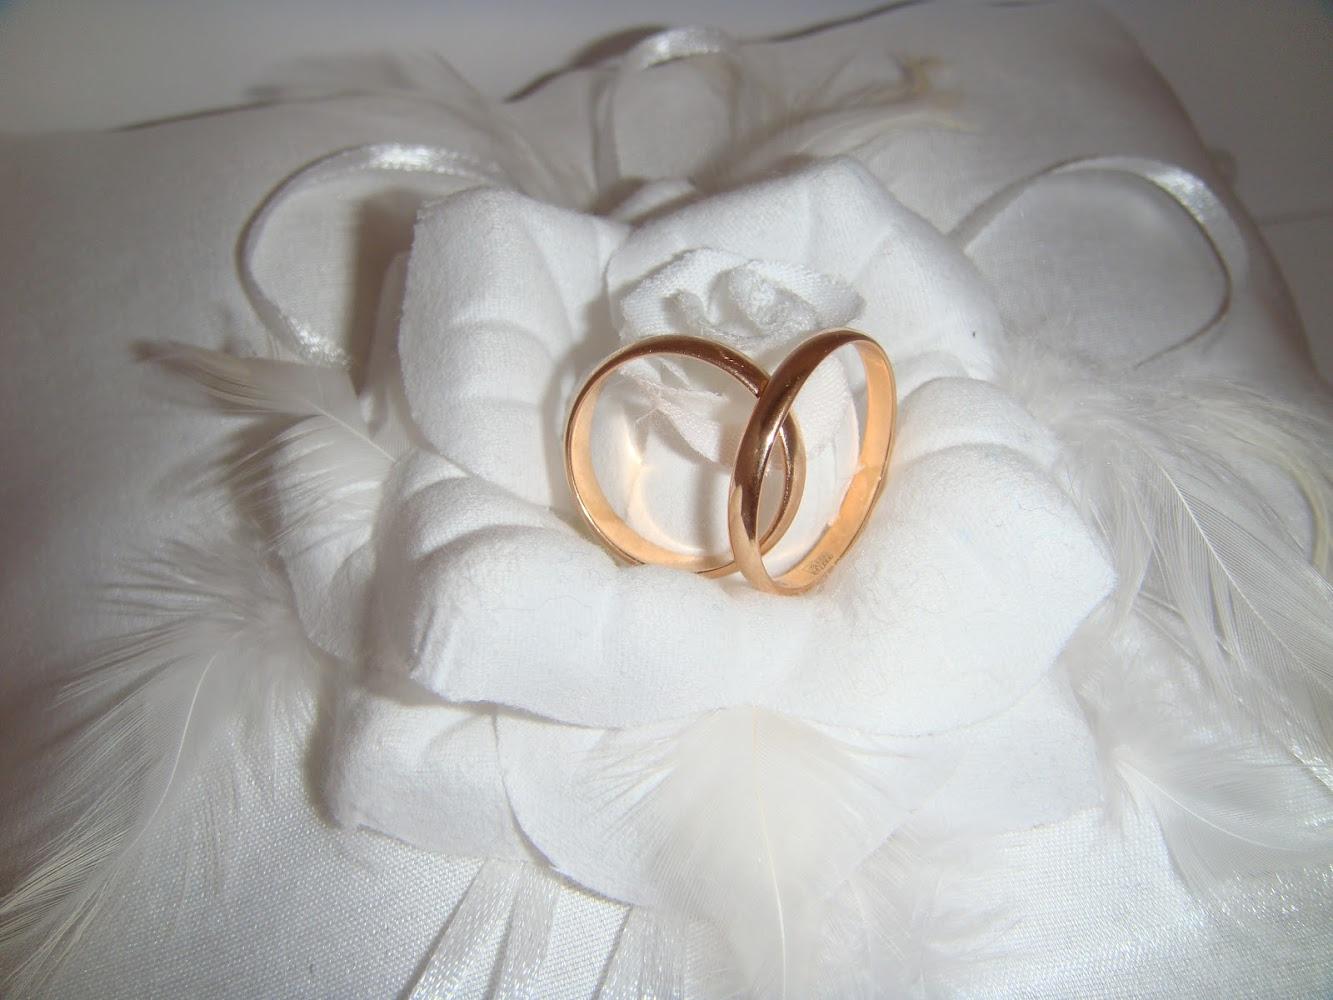 изменений картинки свадьба уже скоро приготовлении, нежные, тающие